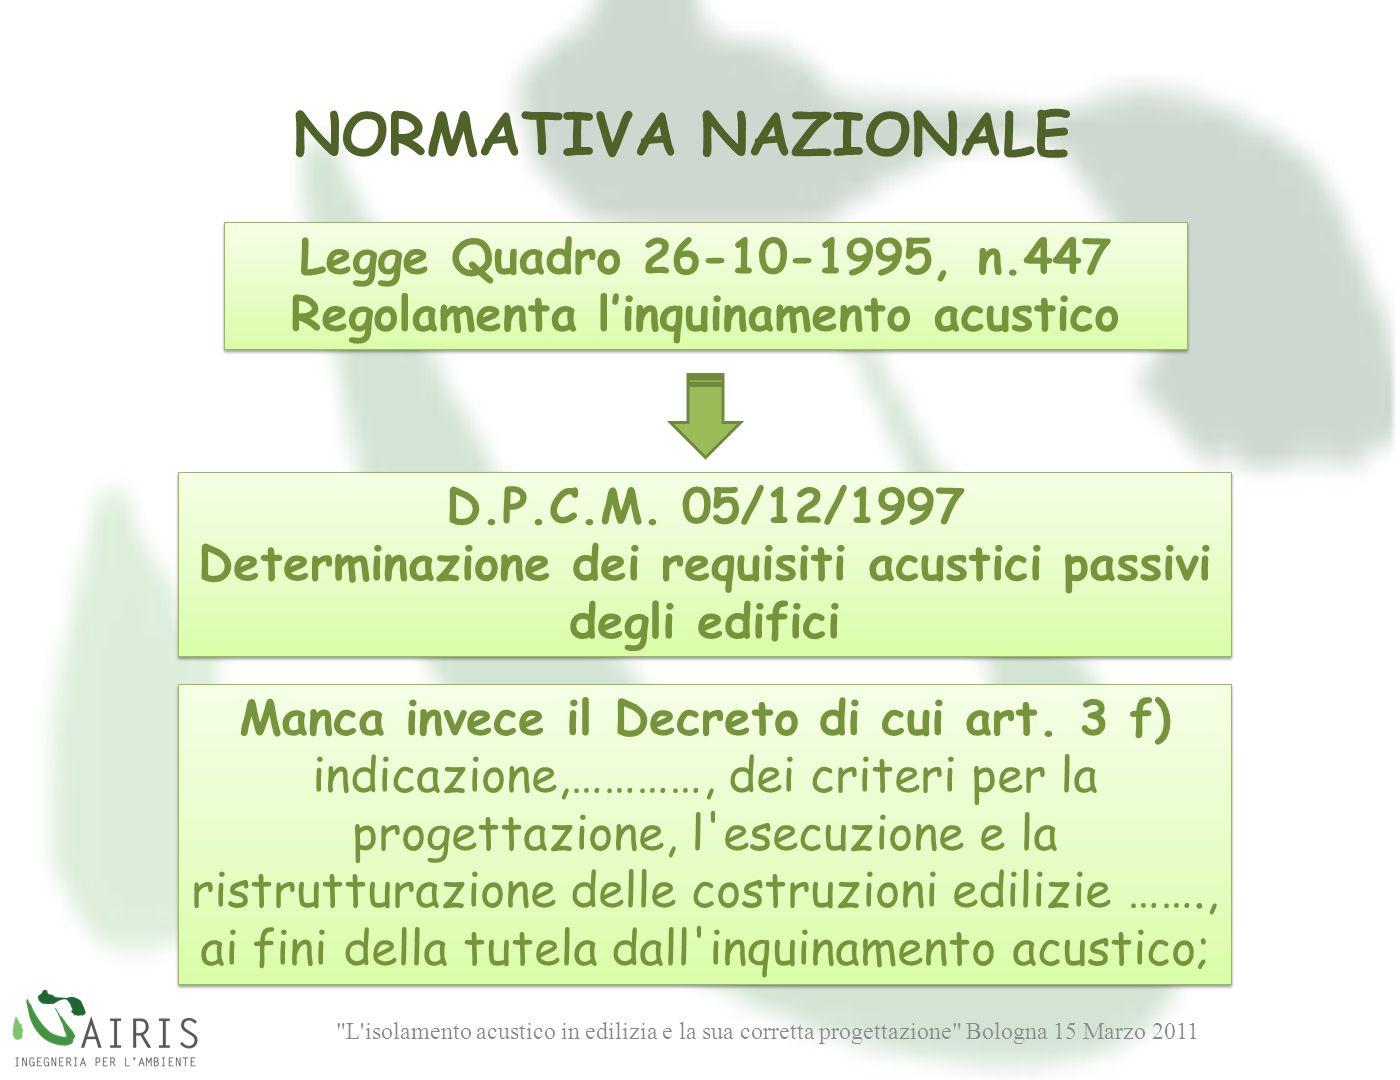 NORMATIVA NAZIONALE Legge Quadro 26-10-1995, n.447